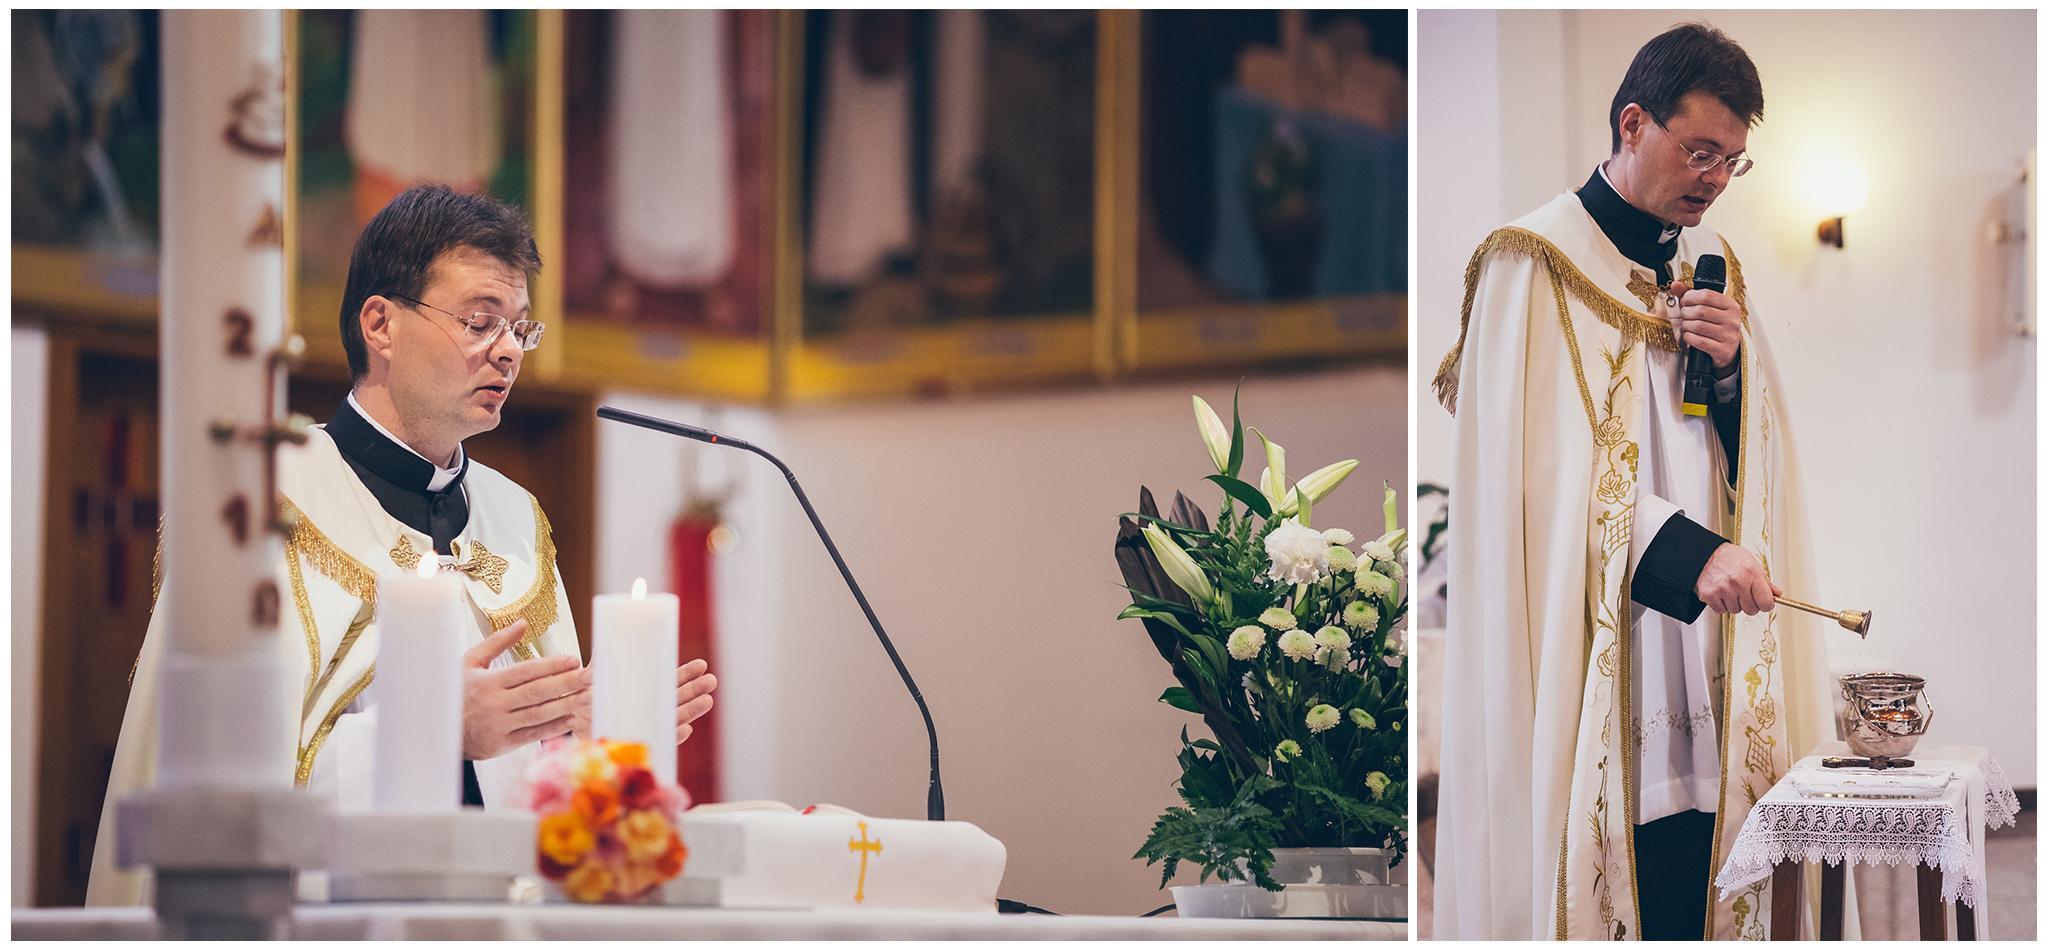 FylepPhoto, esküvőfotós, esküvői fotós Körmend, Szombathely, esküvőfotózás, magyarország, vas megye, prémium, jegyesfotózás, Fülöp Péter, körmend, kreatív, fotográfus_017.jpg